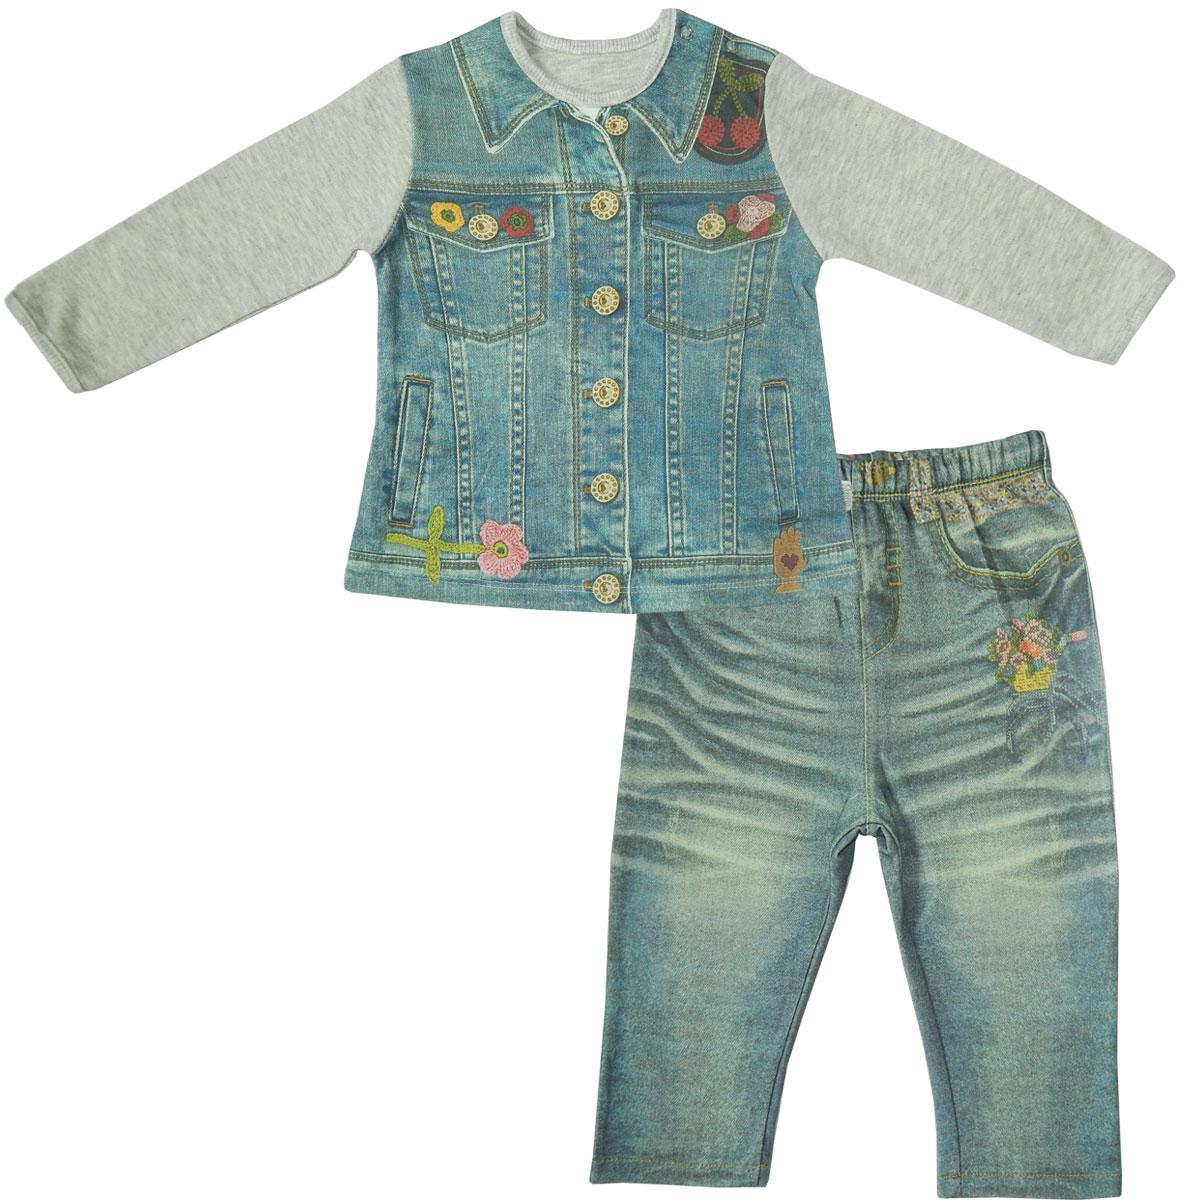 Купить Комплект одежды Папитто для девочки Fashion Jeans 594-05 р.22-74, Комплекты для новорожденных